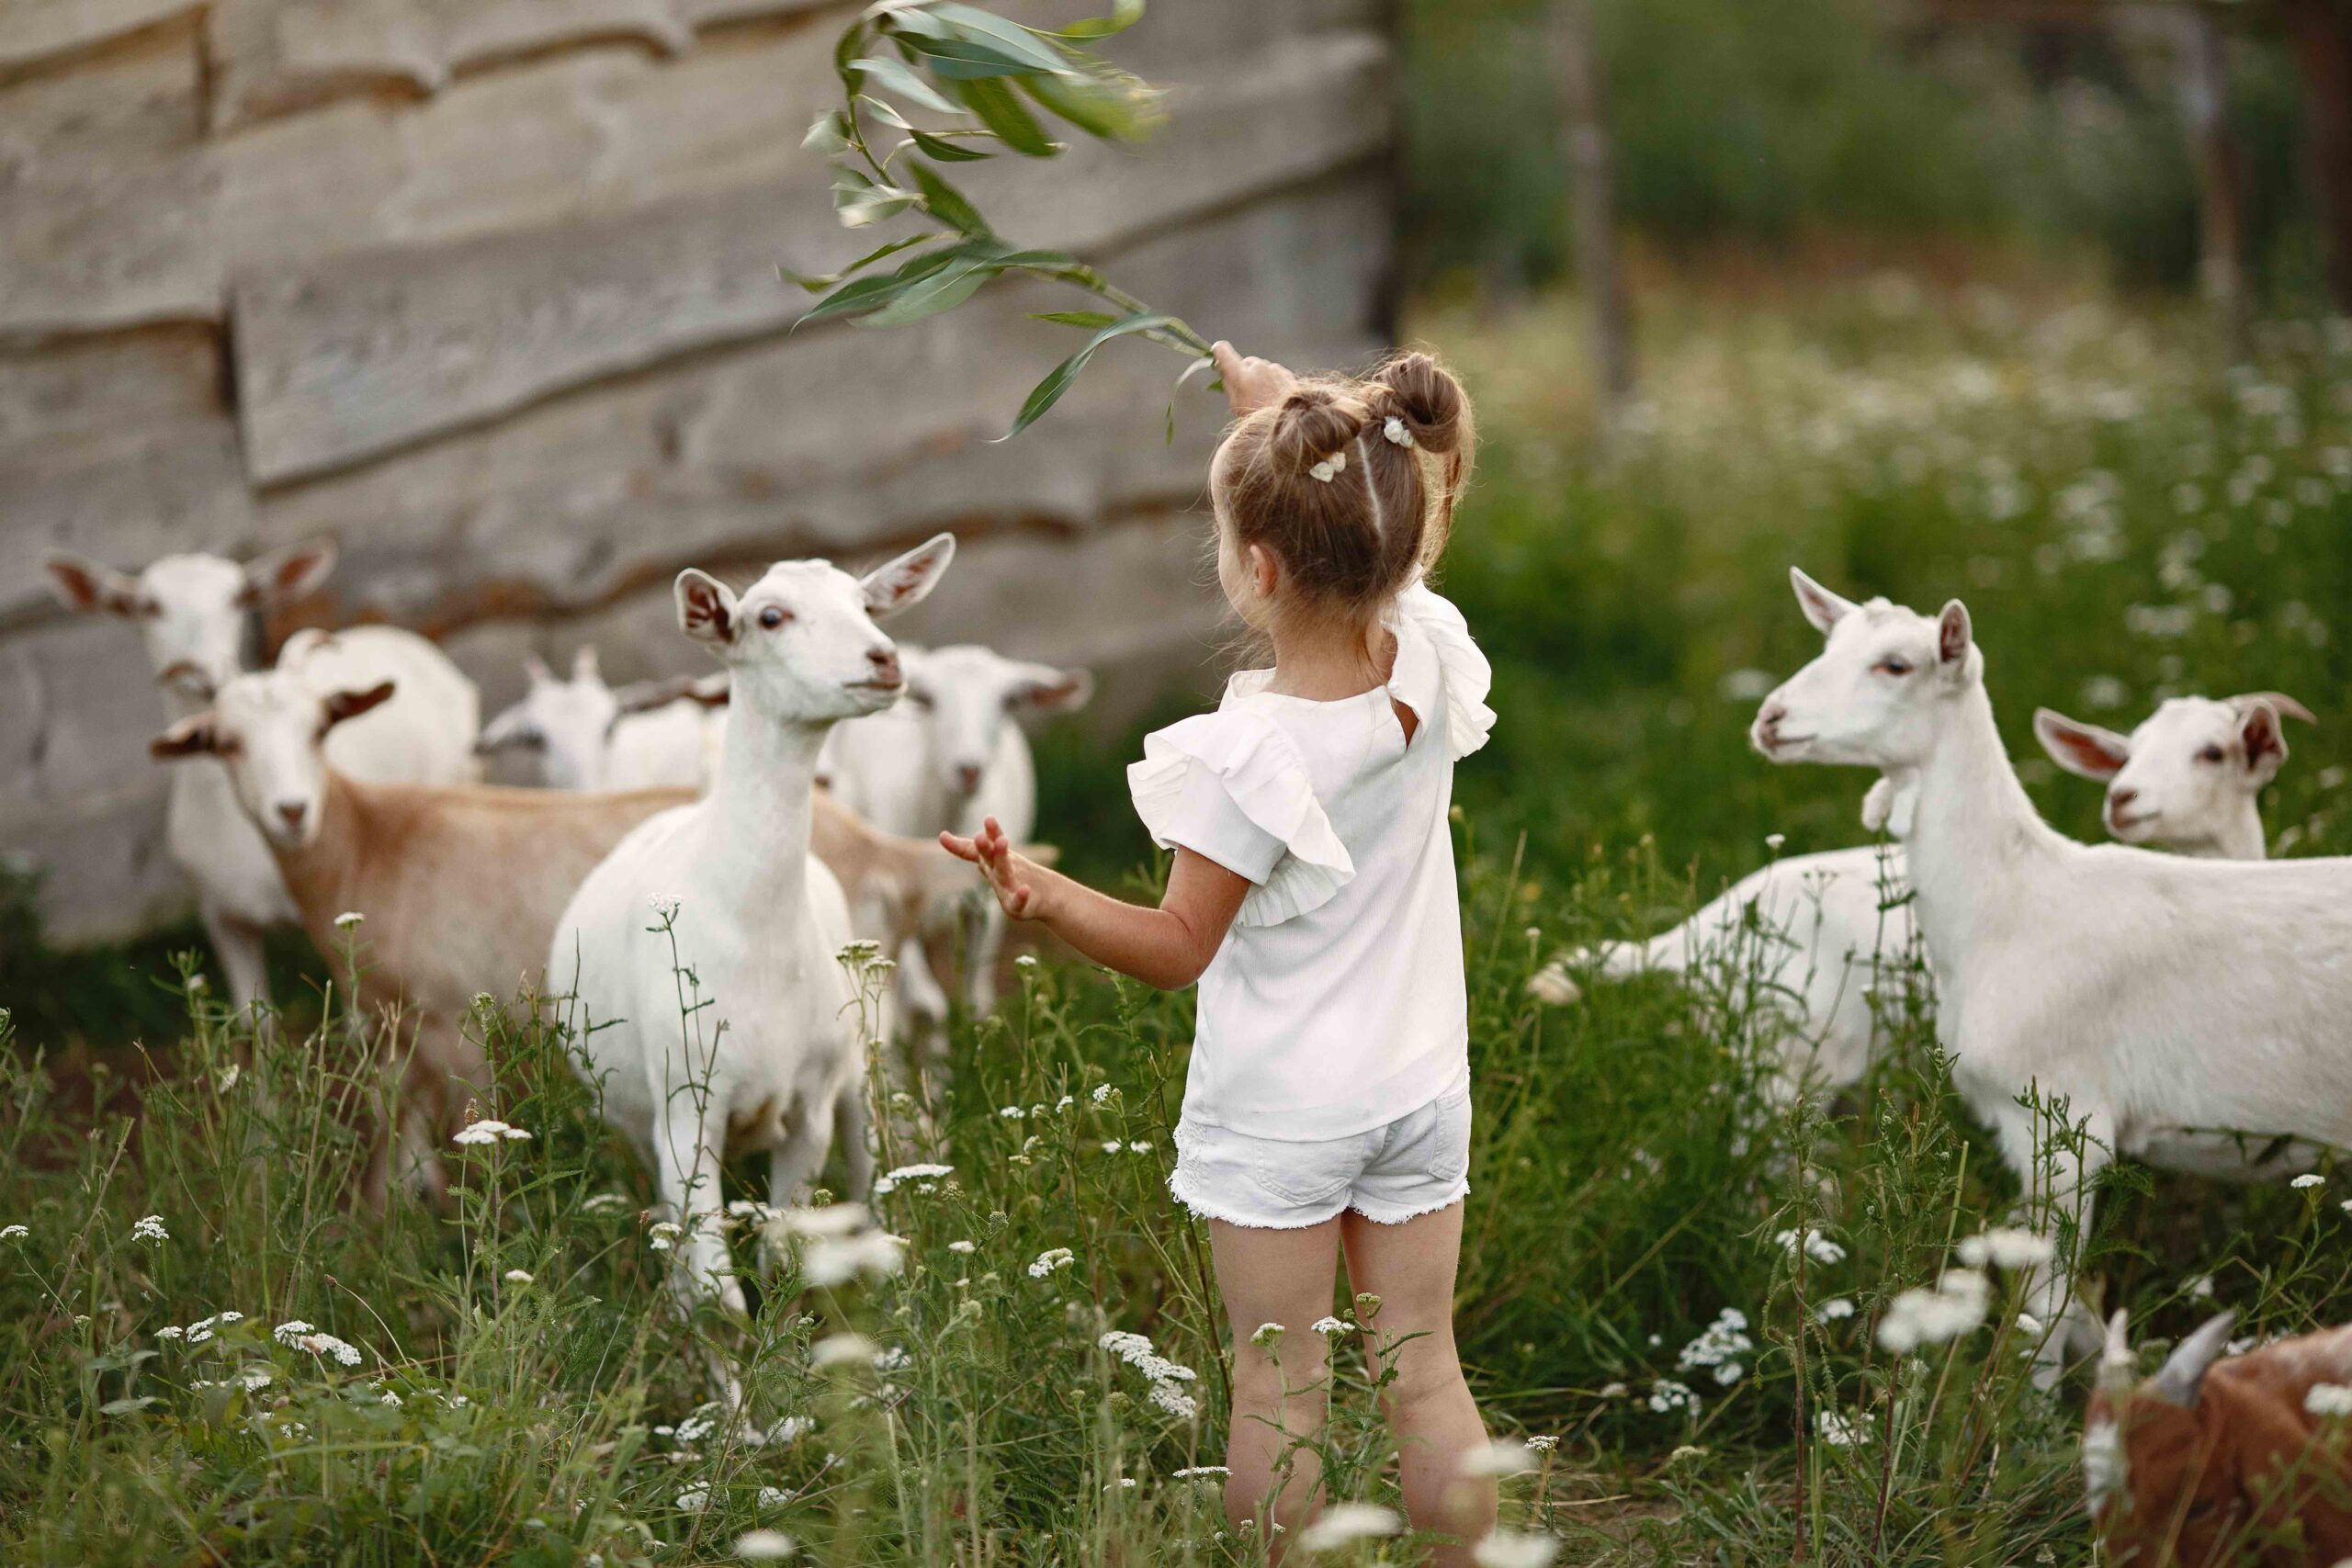 Pige fodrer geder med græs fra naturen. Hammersholt Enge. Koncept for fremtidens bæredygtige landsby.